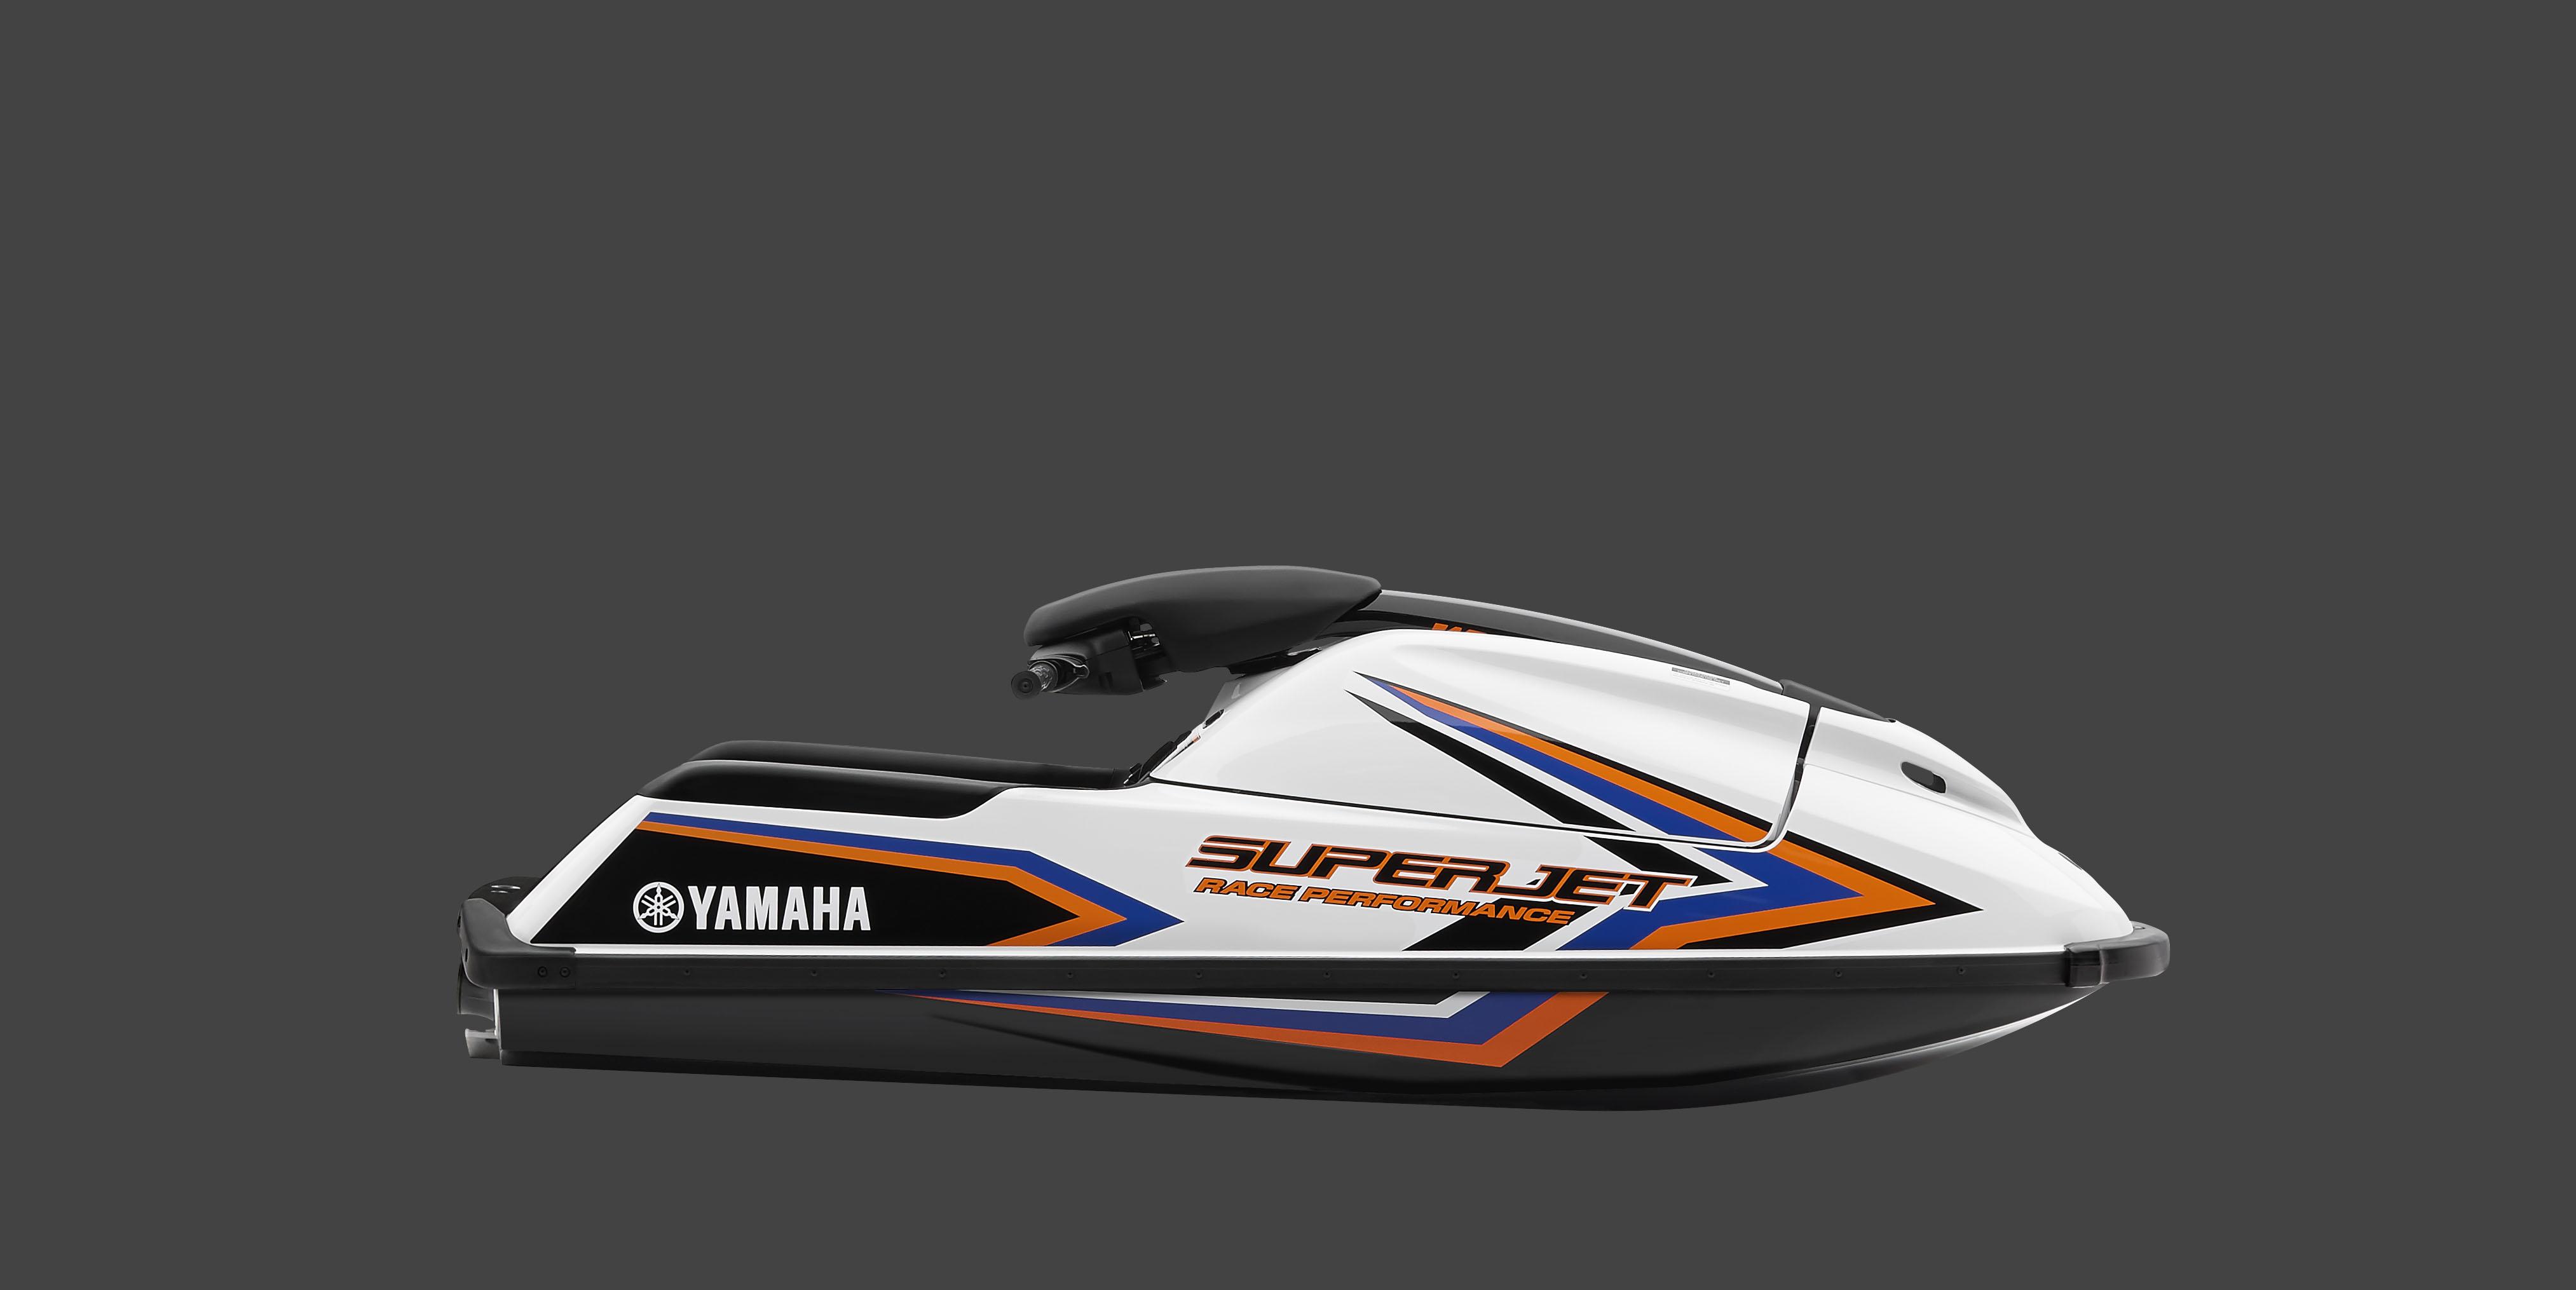 Super Jet Yamaha 2016 - YouTube